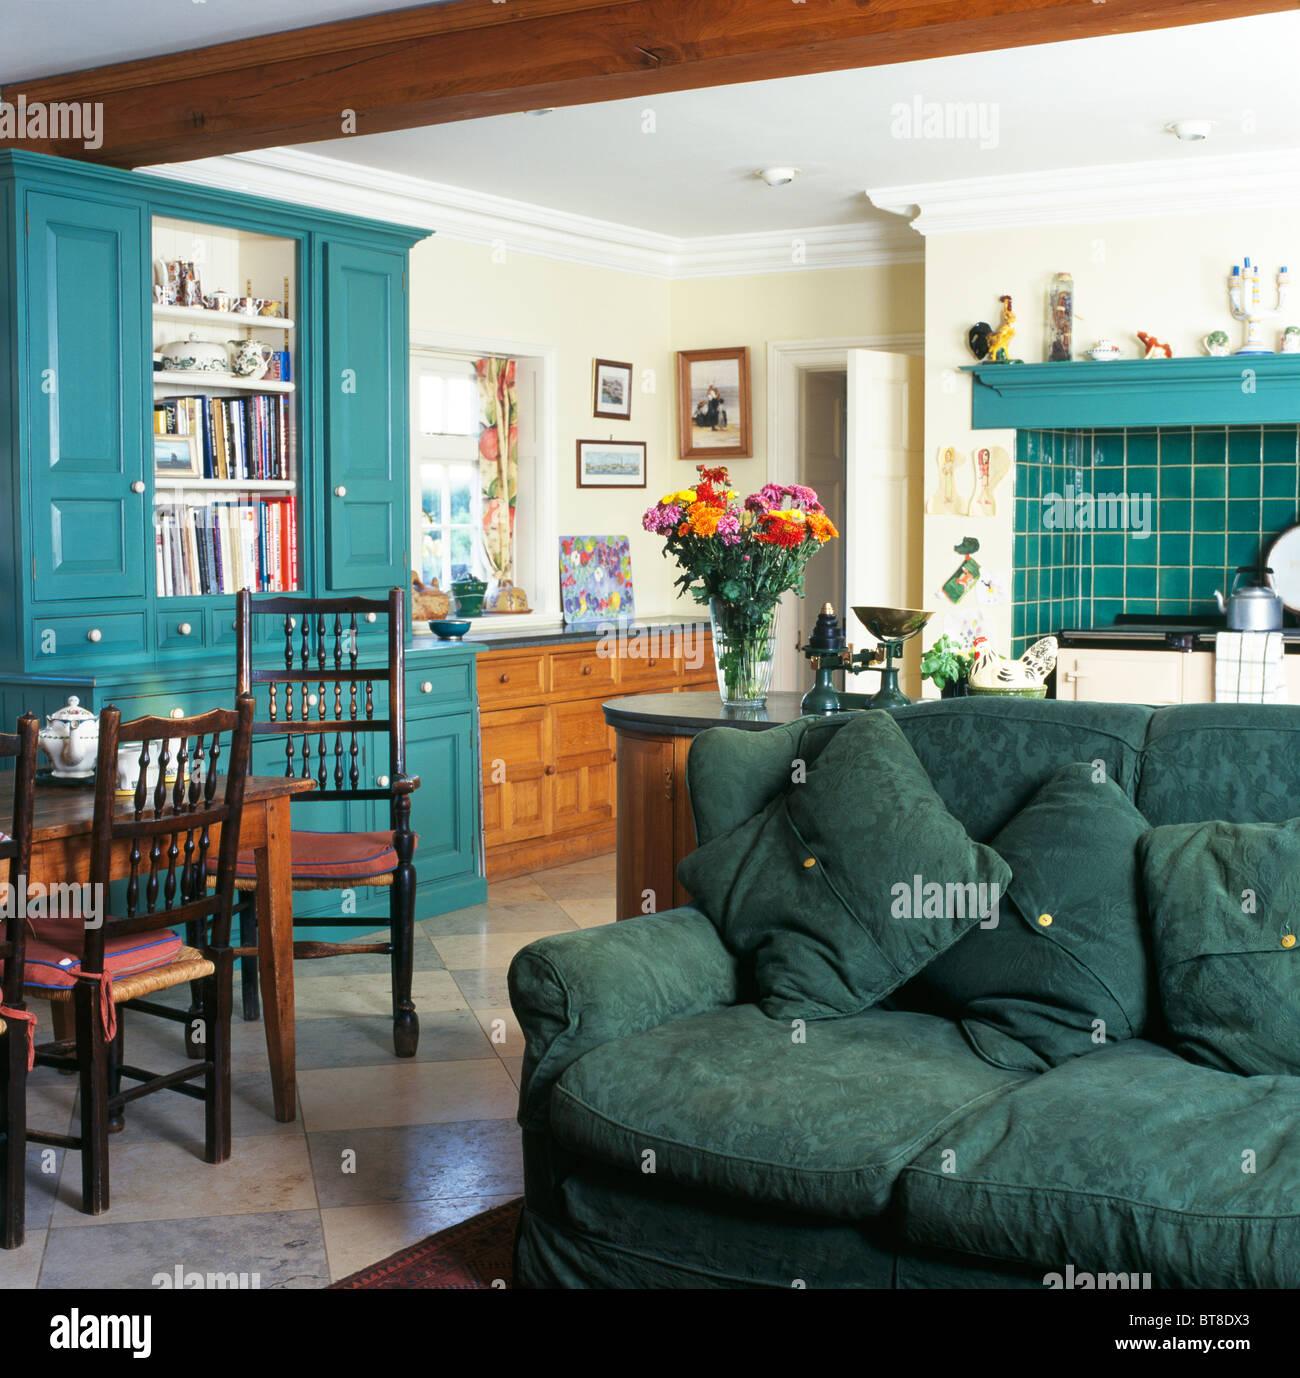 Grünes Sofa Im Traditionellen Landhausstil Küche Esszimmer Mit Türkis  Lackiert Ausgestattete Kommode